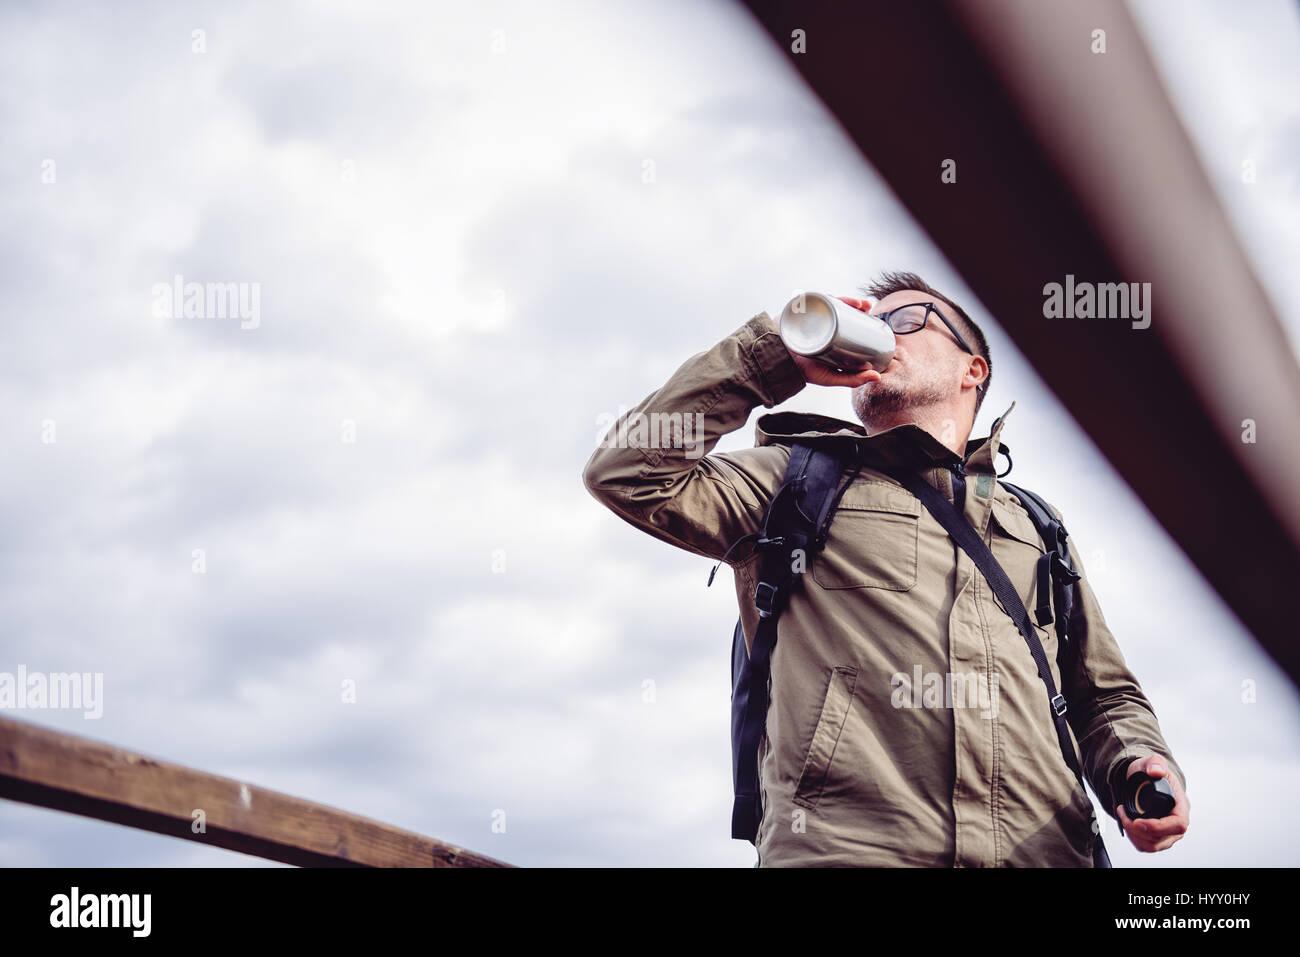 Hiker resting on clôture en bois et l'eau potable Photo Stock